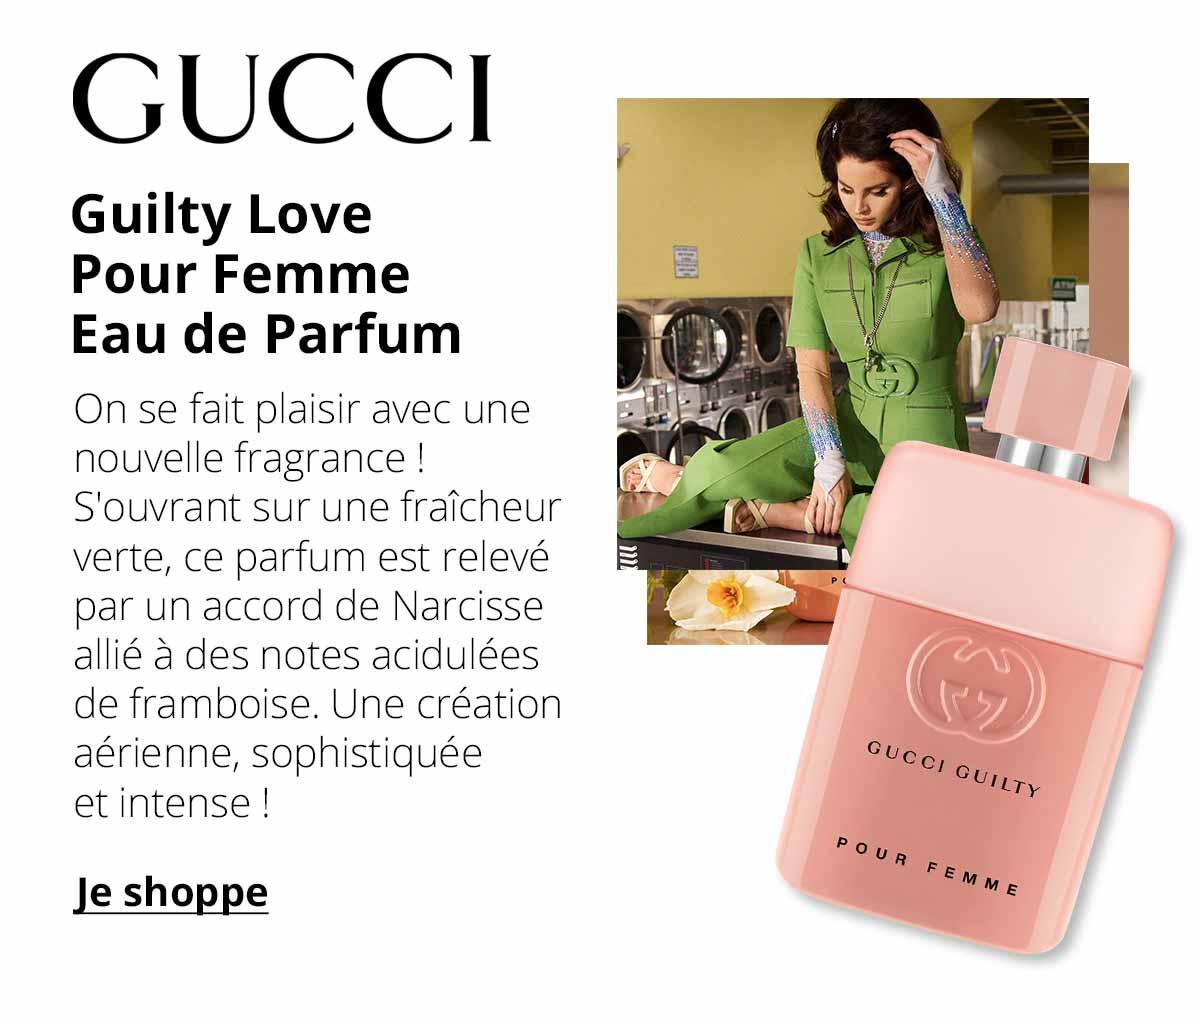 Gucci - Guilty Love Pour Femme Eau de Parfum - On se fait plaisir avec une nouvelle fragrance ! S'ouvrant sur une fraîcheur verte, ce parfum est relevé par un accord de Narcisse allié à des notes acidulées de framboise. Une création aérienne, sophistiquée et intense !